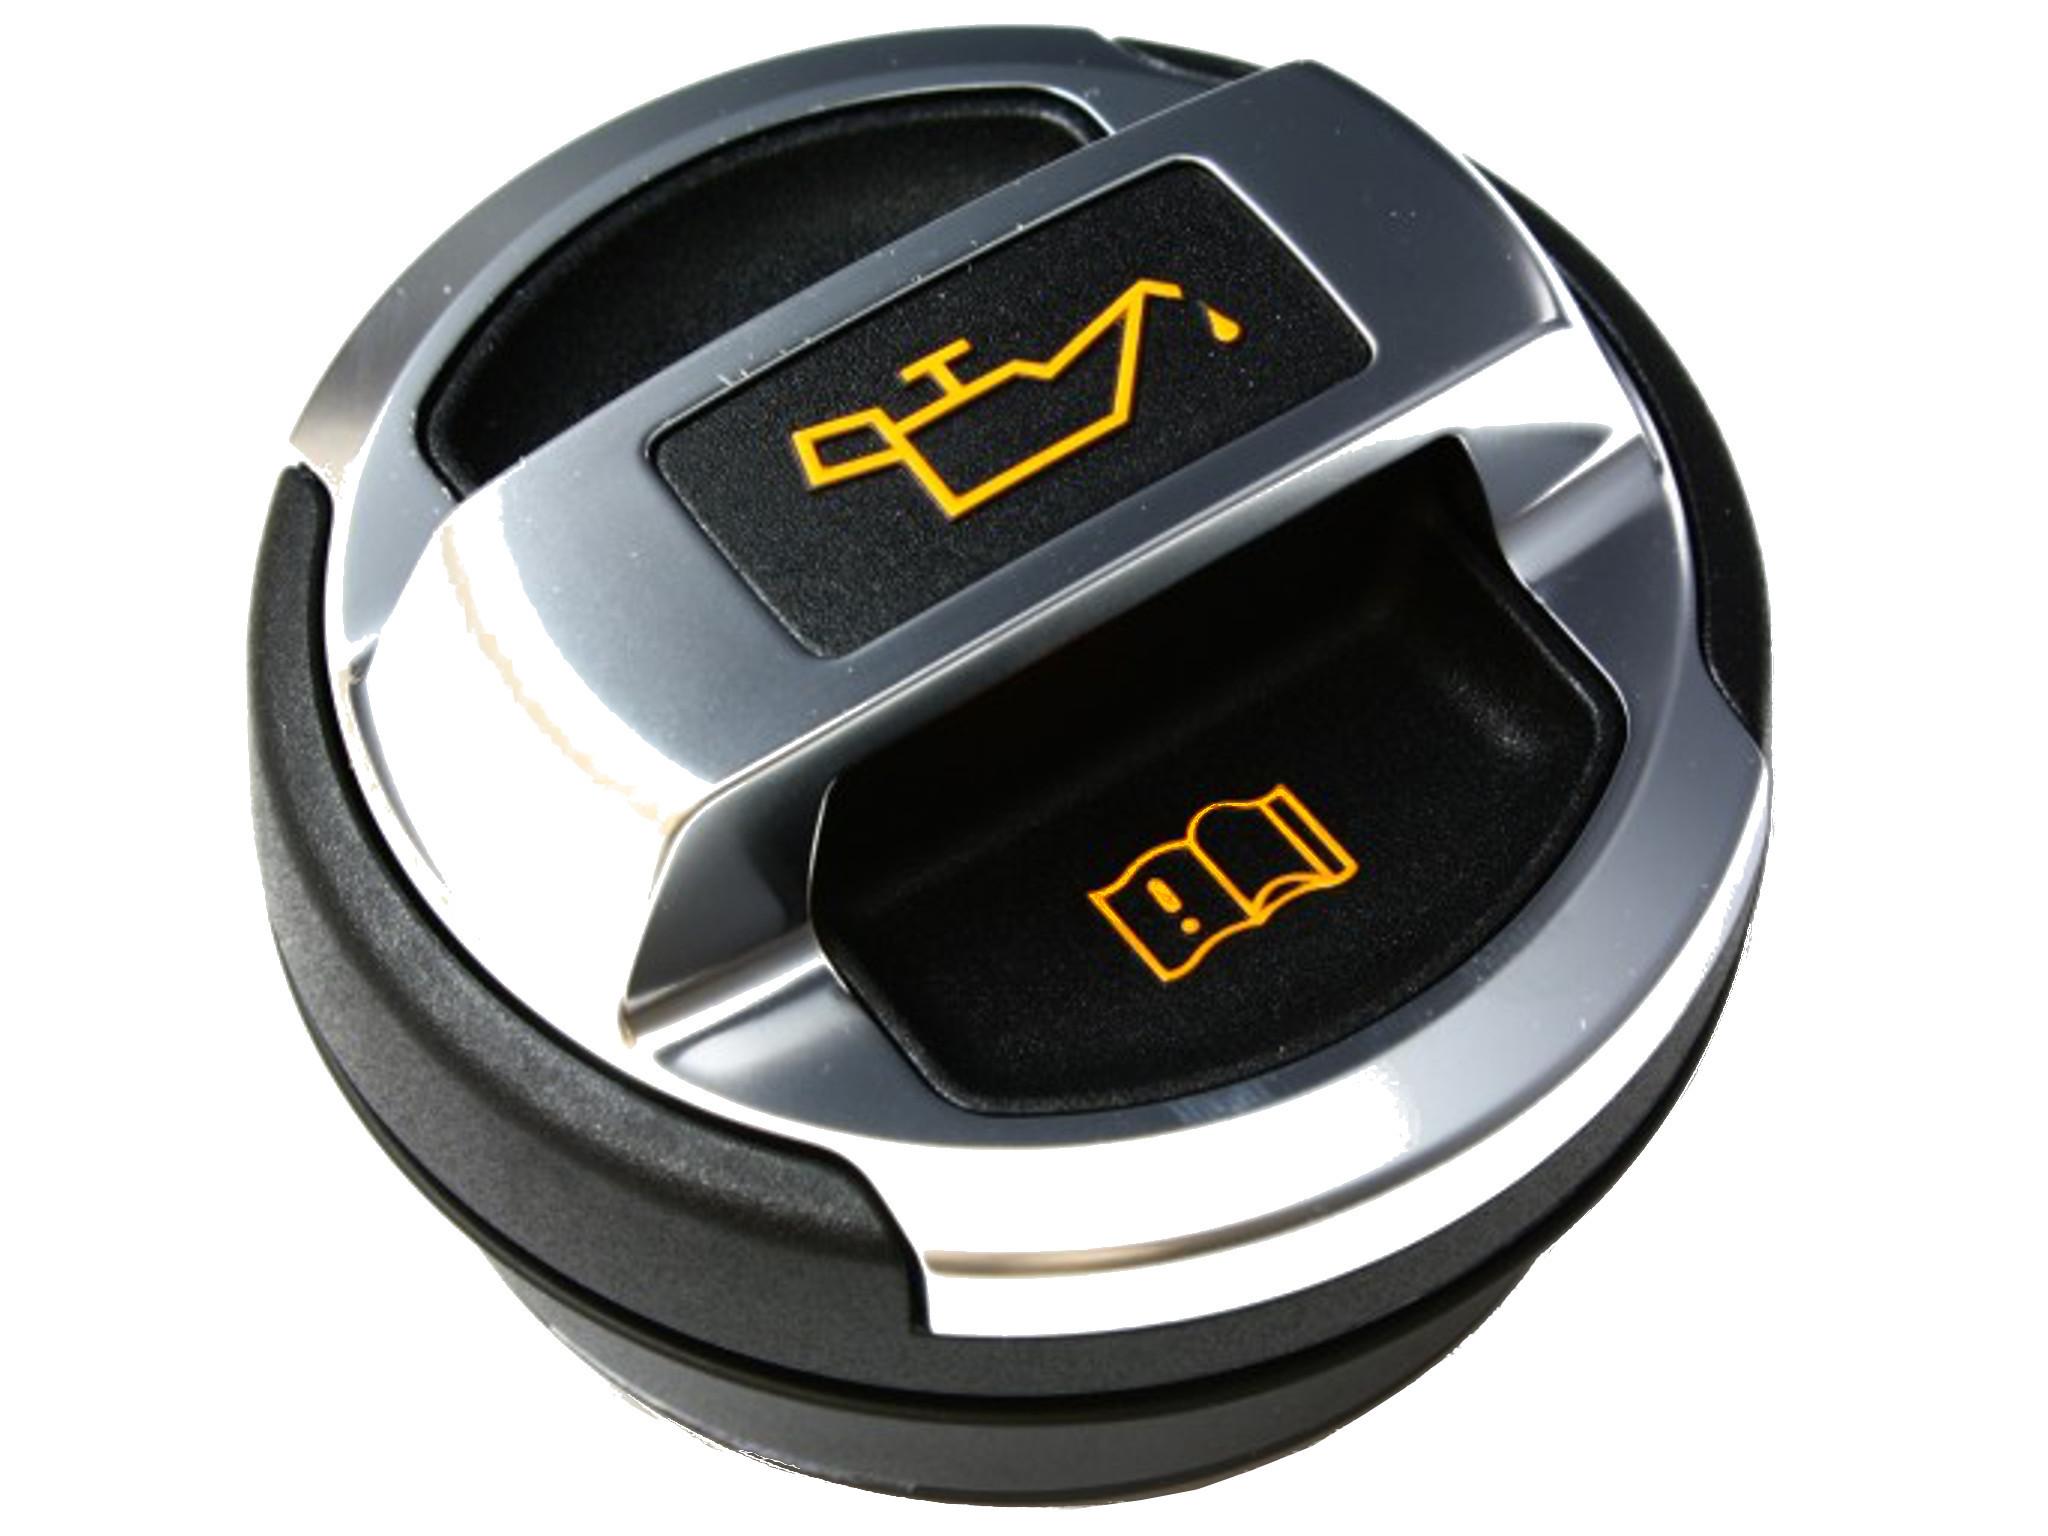 пробка настой масла к audi vw seat skoda 420103485b